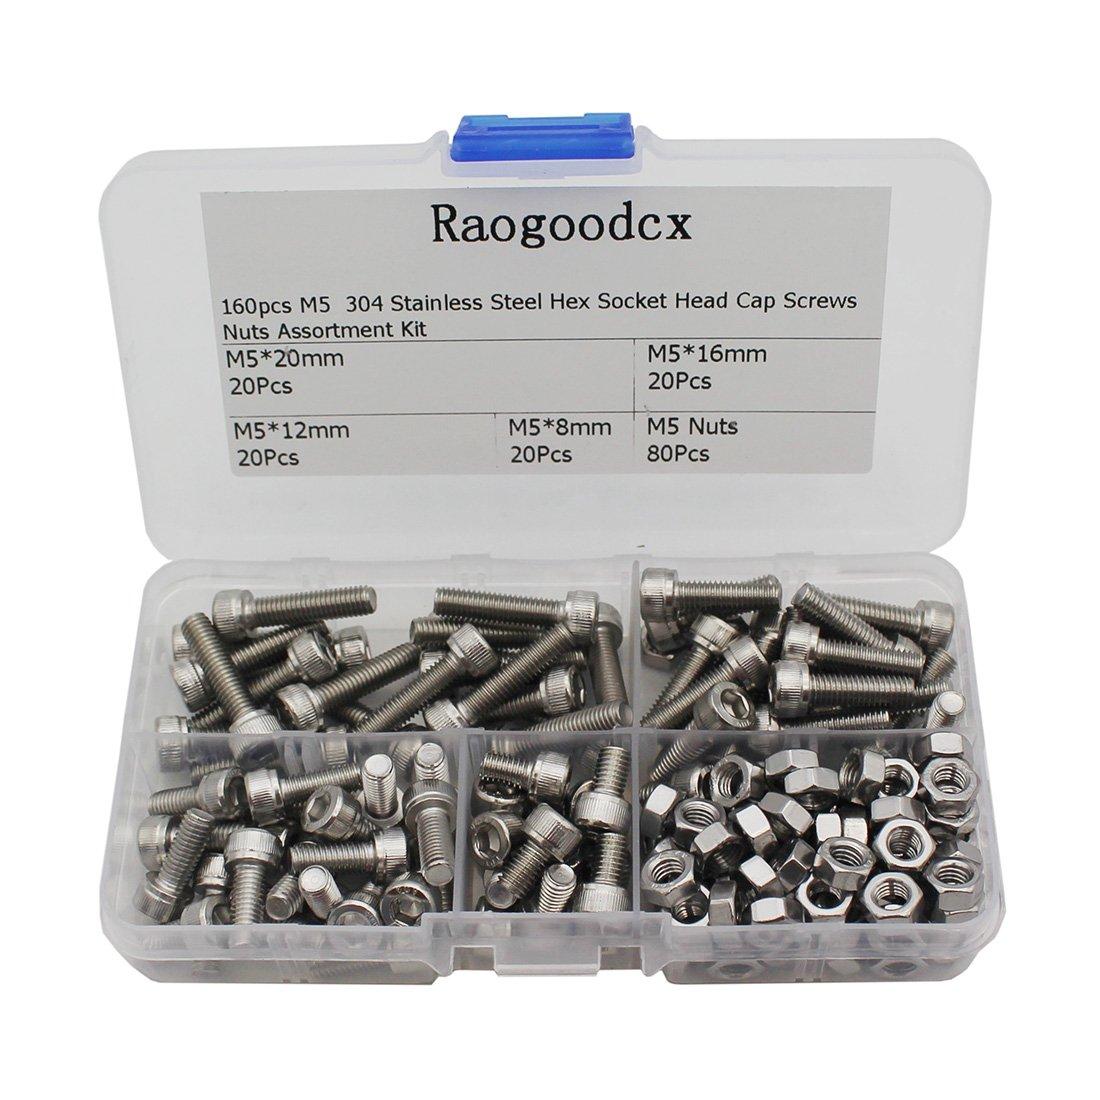 Raogoodcx 160Pcs M5 Stainless Steel Hex Socket Head Cap Screws Nuts Assortment Kit (M5 Steel Sockets)